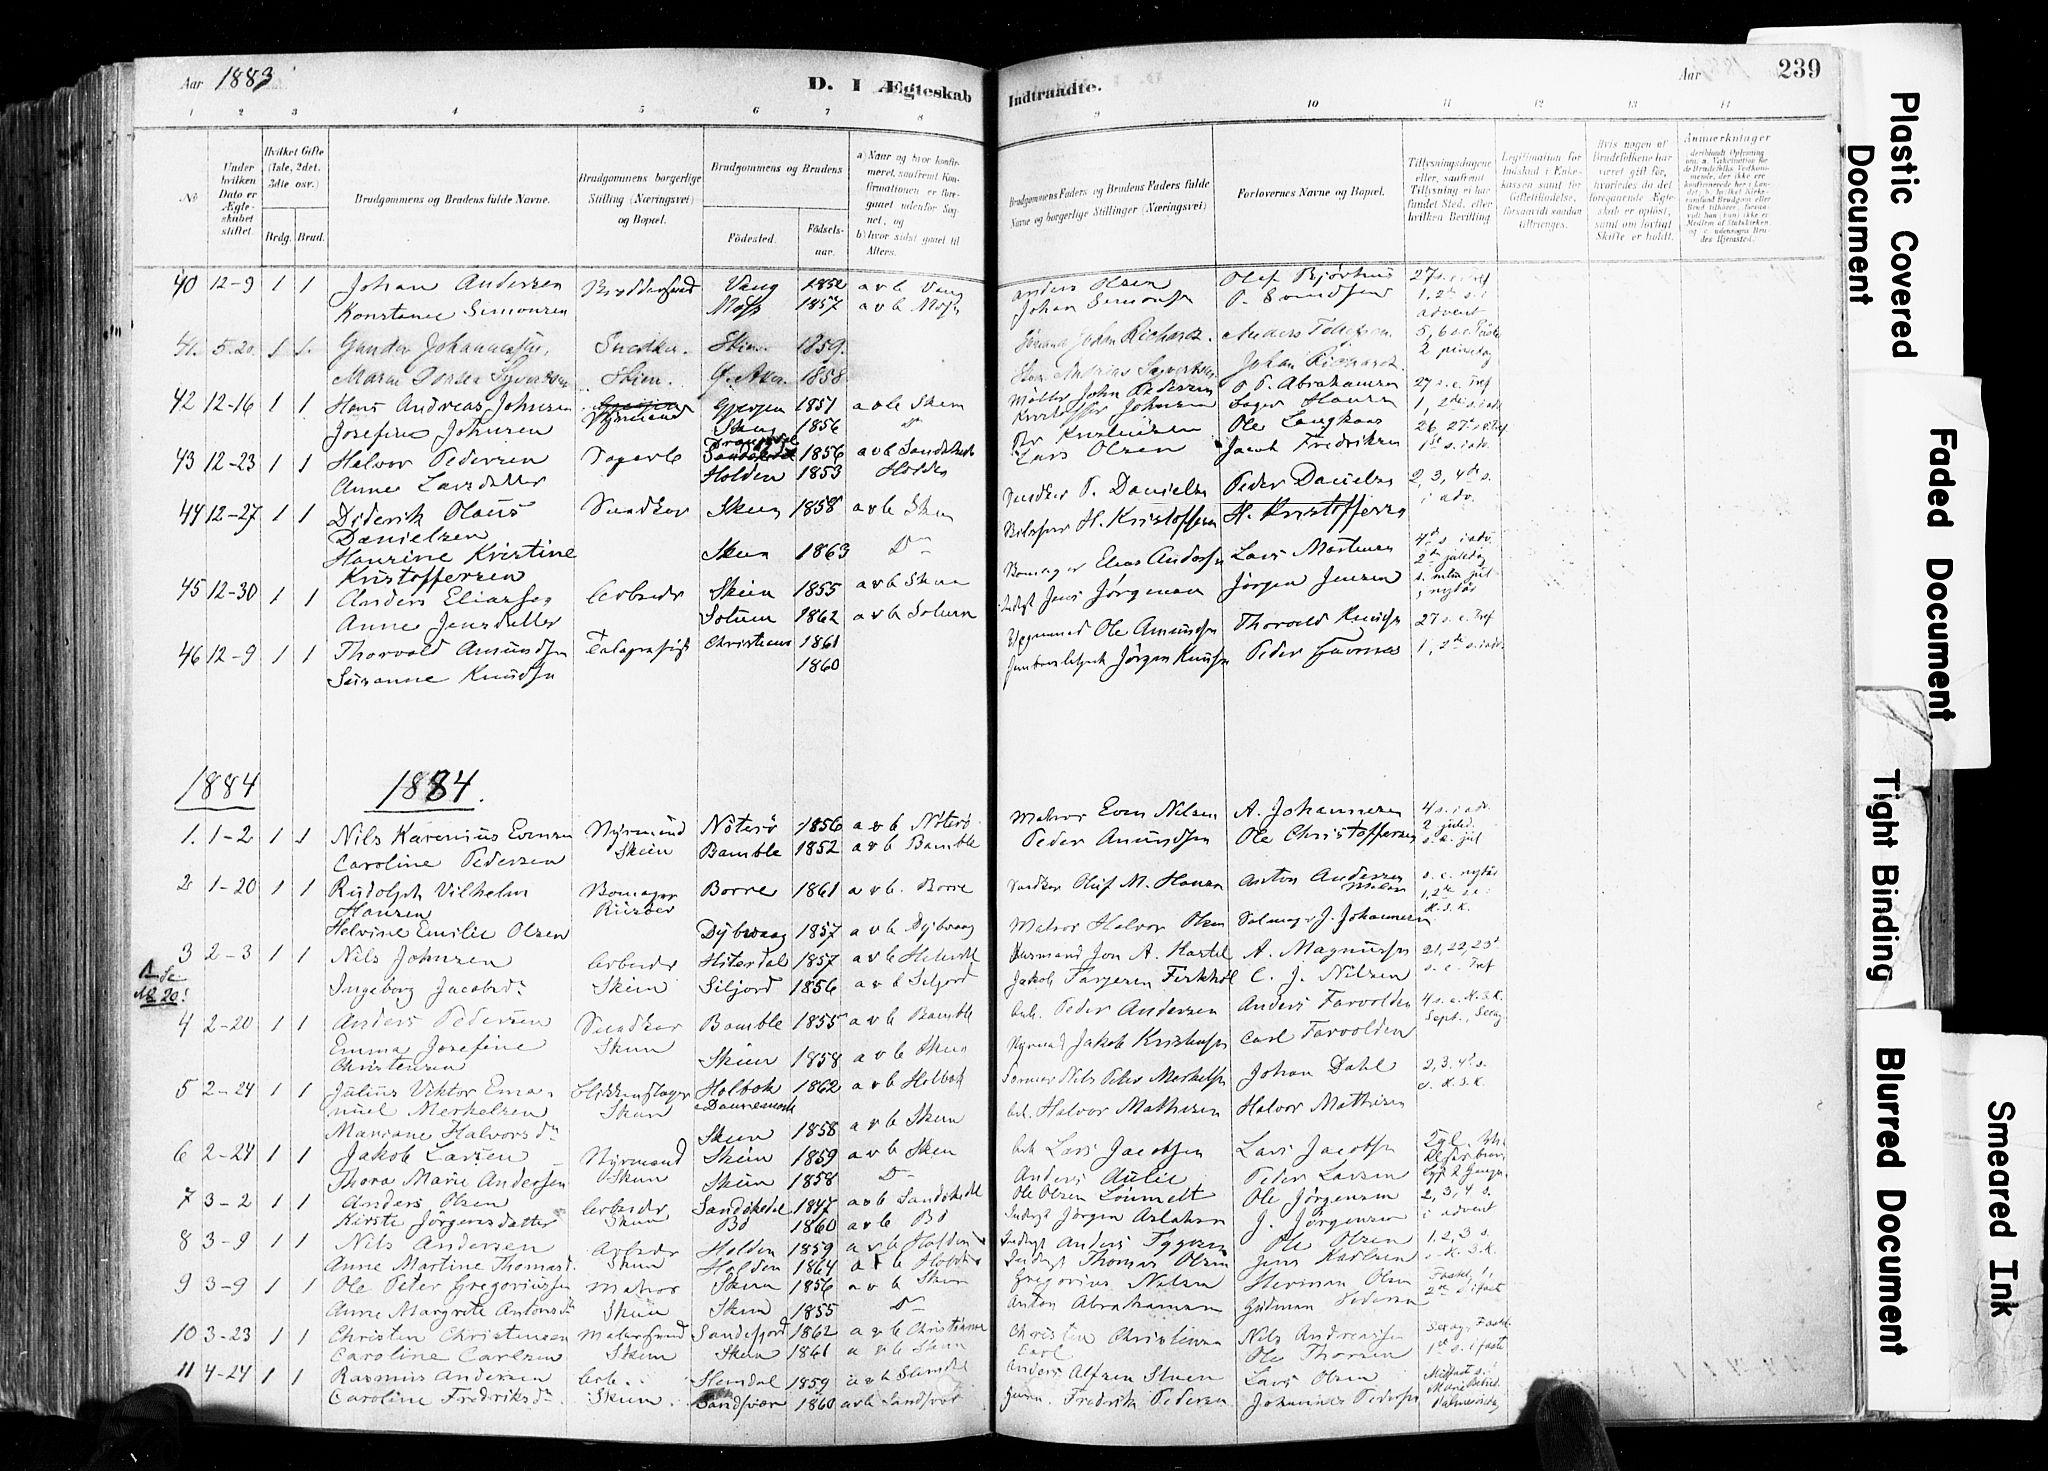 SAKO, Skien kirkebøker, F/Fa/L0009: Ministerialbok nr. 9, 1878-1890, s. 239